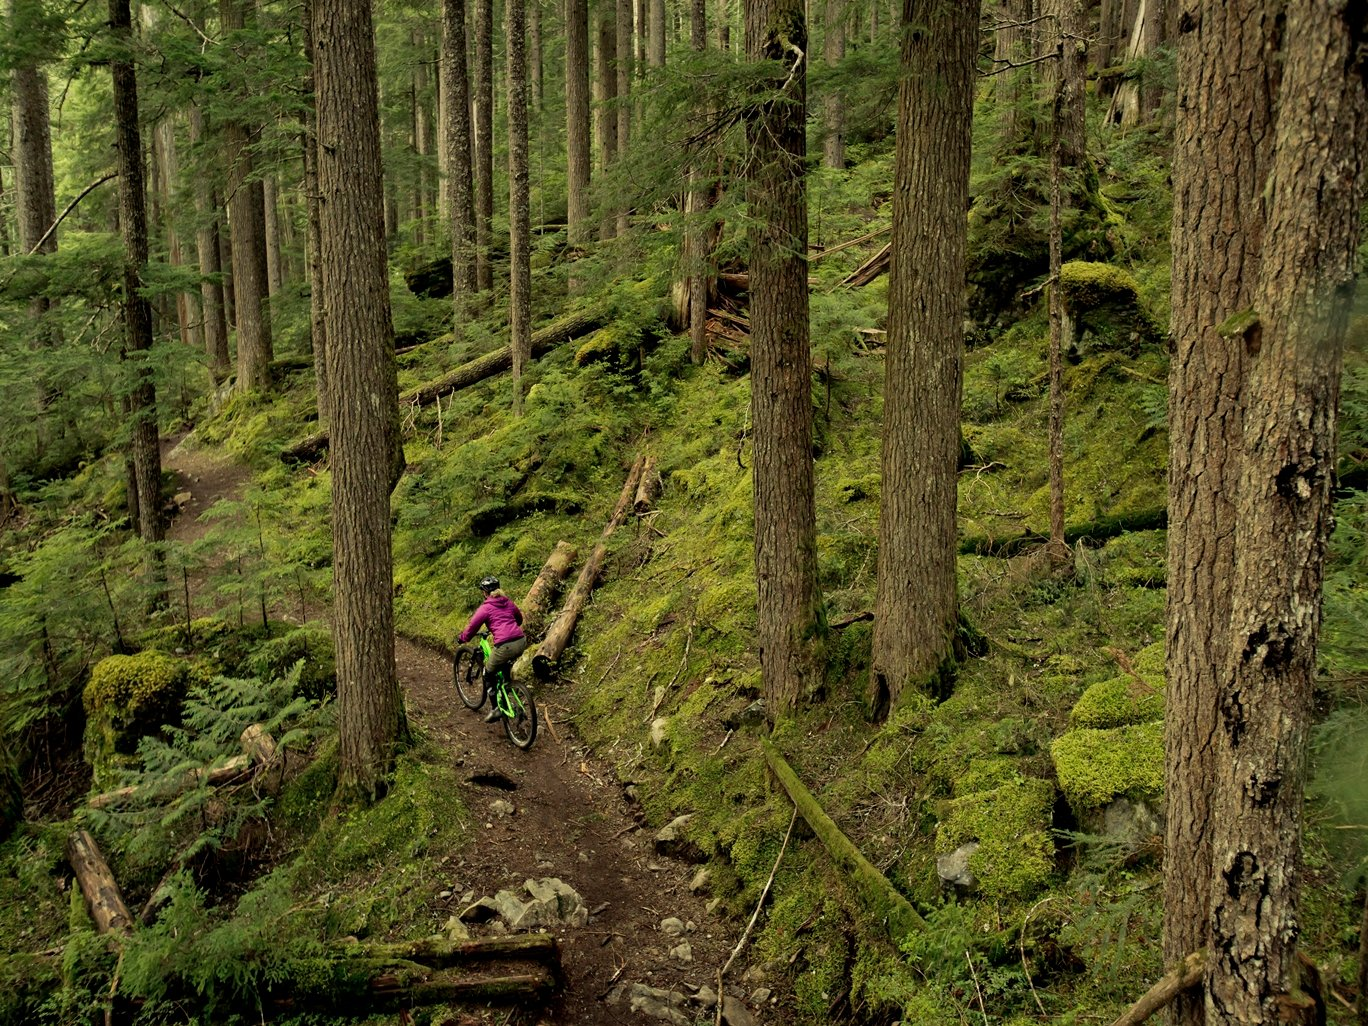 Biking in Whistler Photo by Justa Jeskova